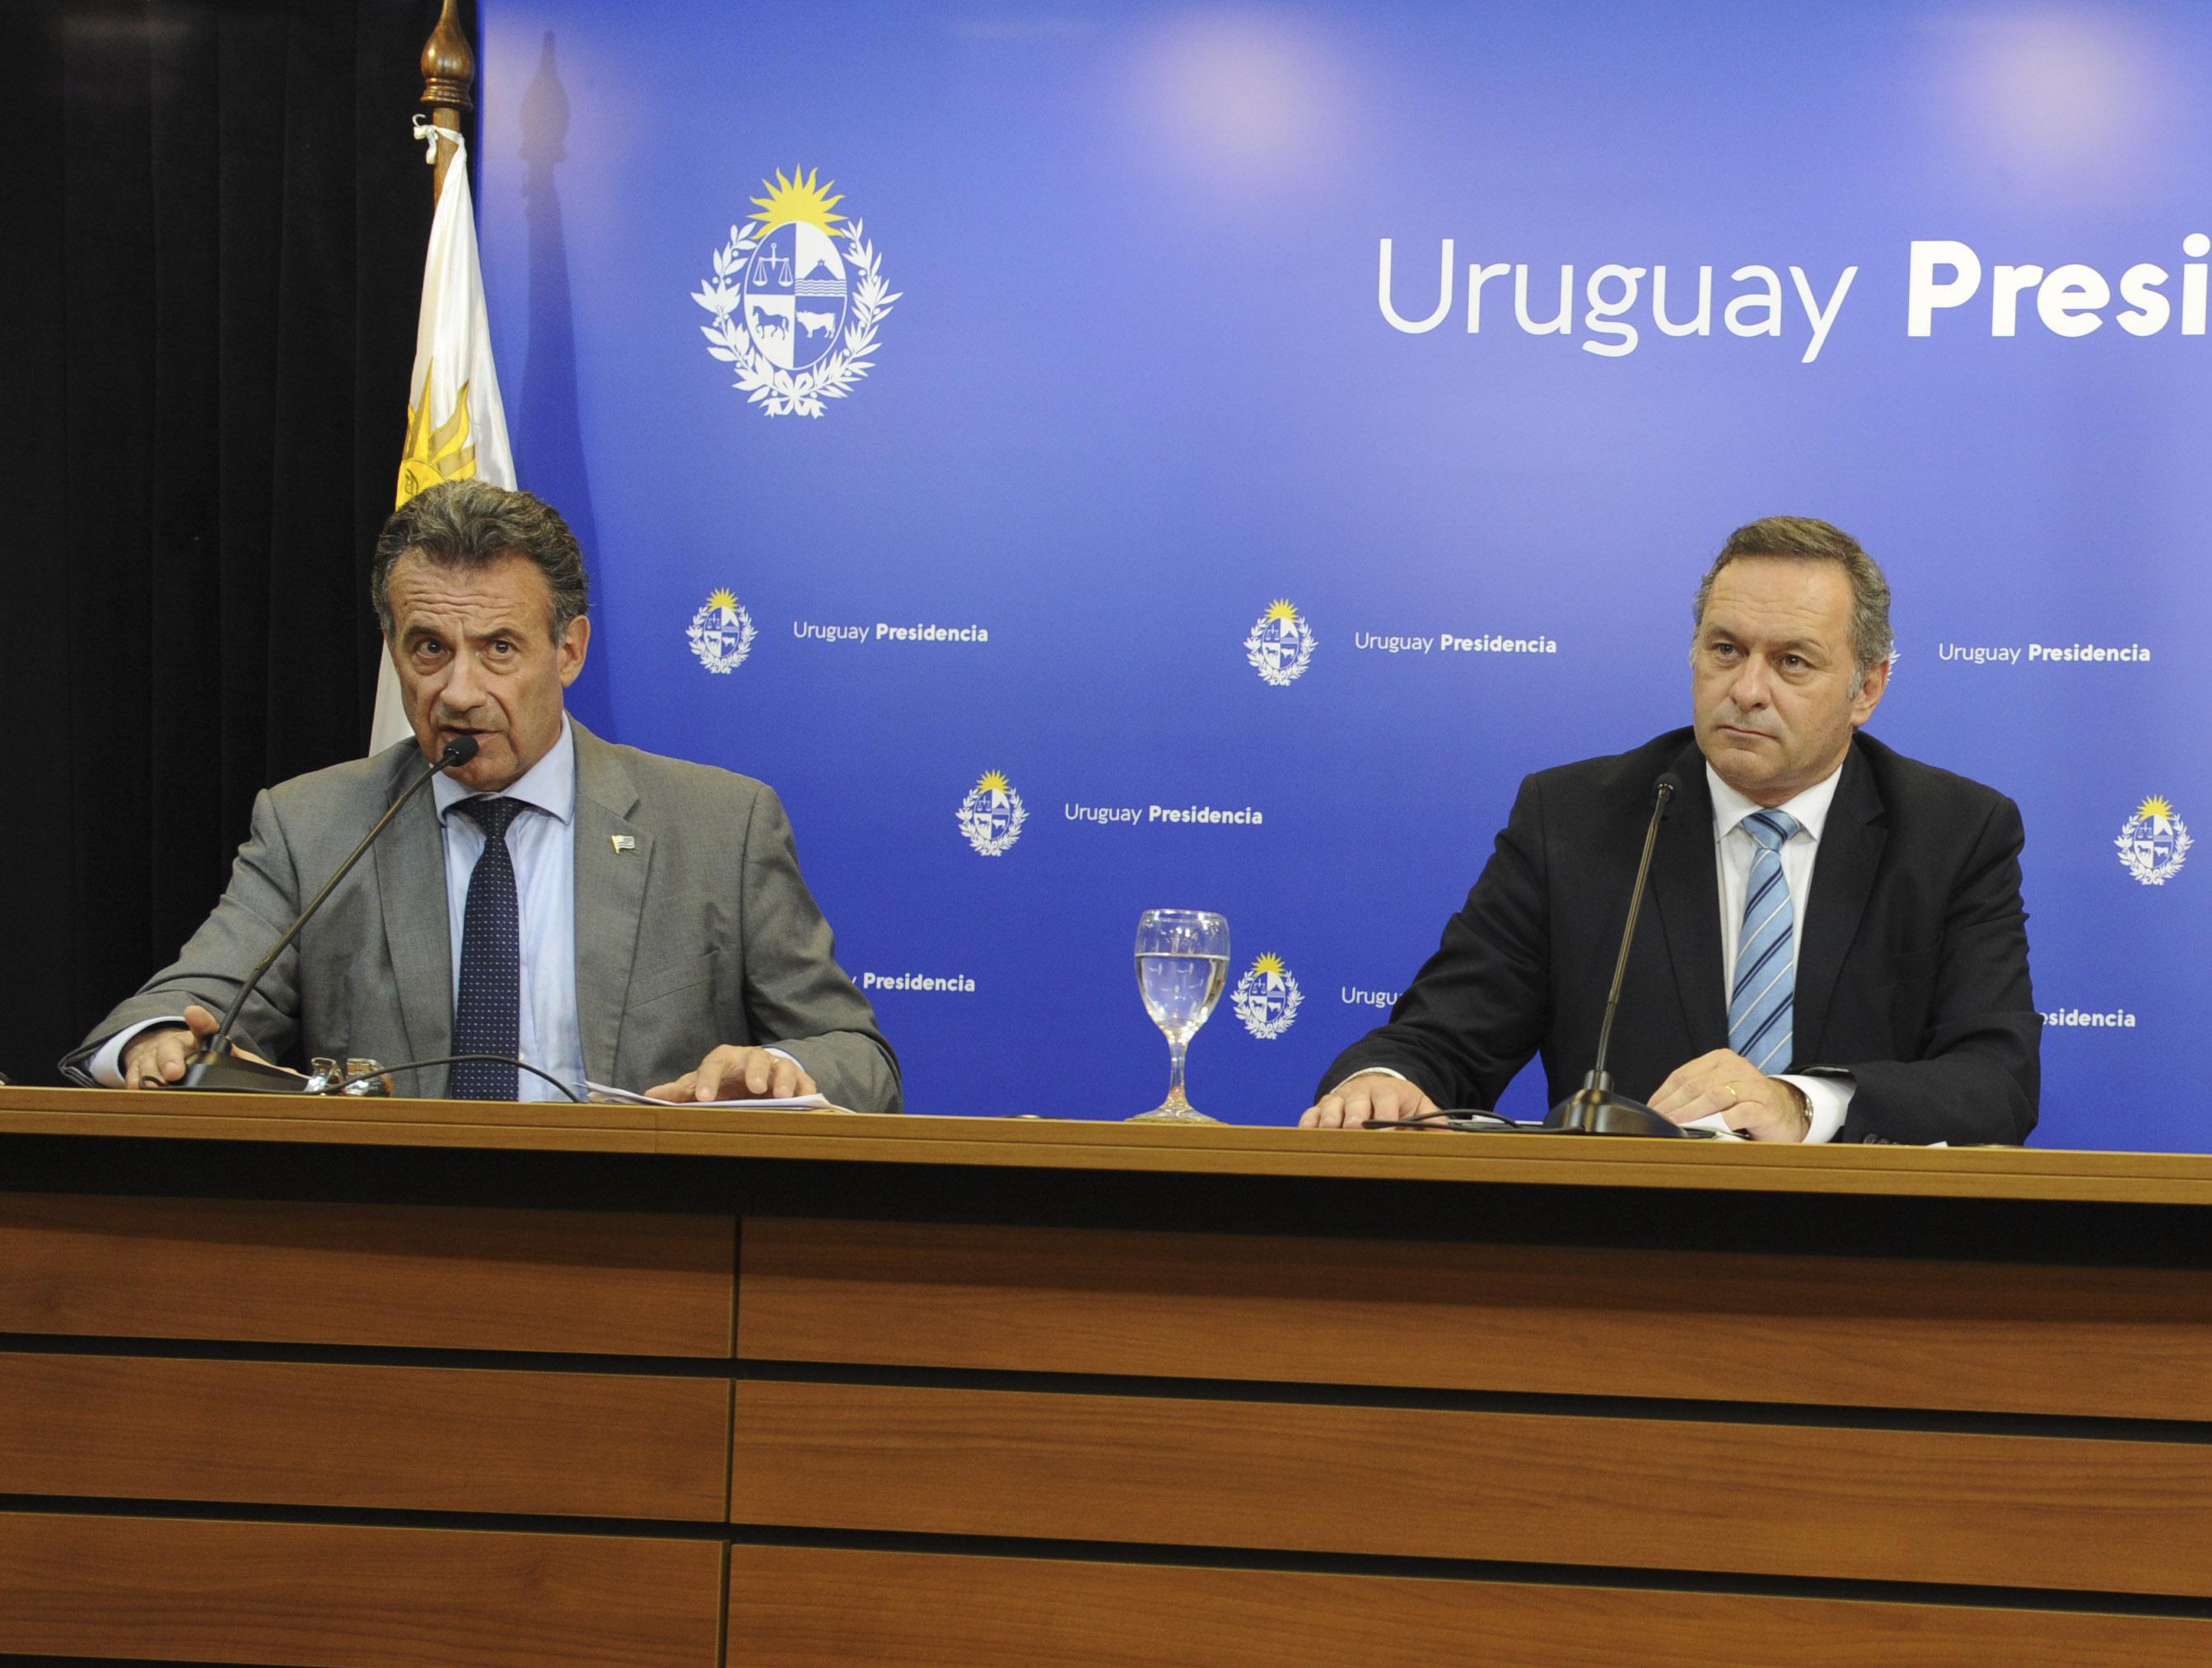 Ministro de Salud Pública, Daniel Salinas, secretario de Presidencia, Álvaro Degado, y Pablo Bartol, ministro de Desarrollo Social